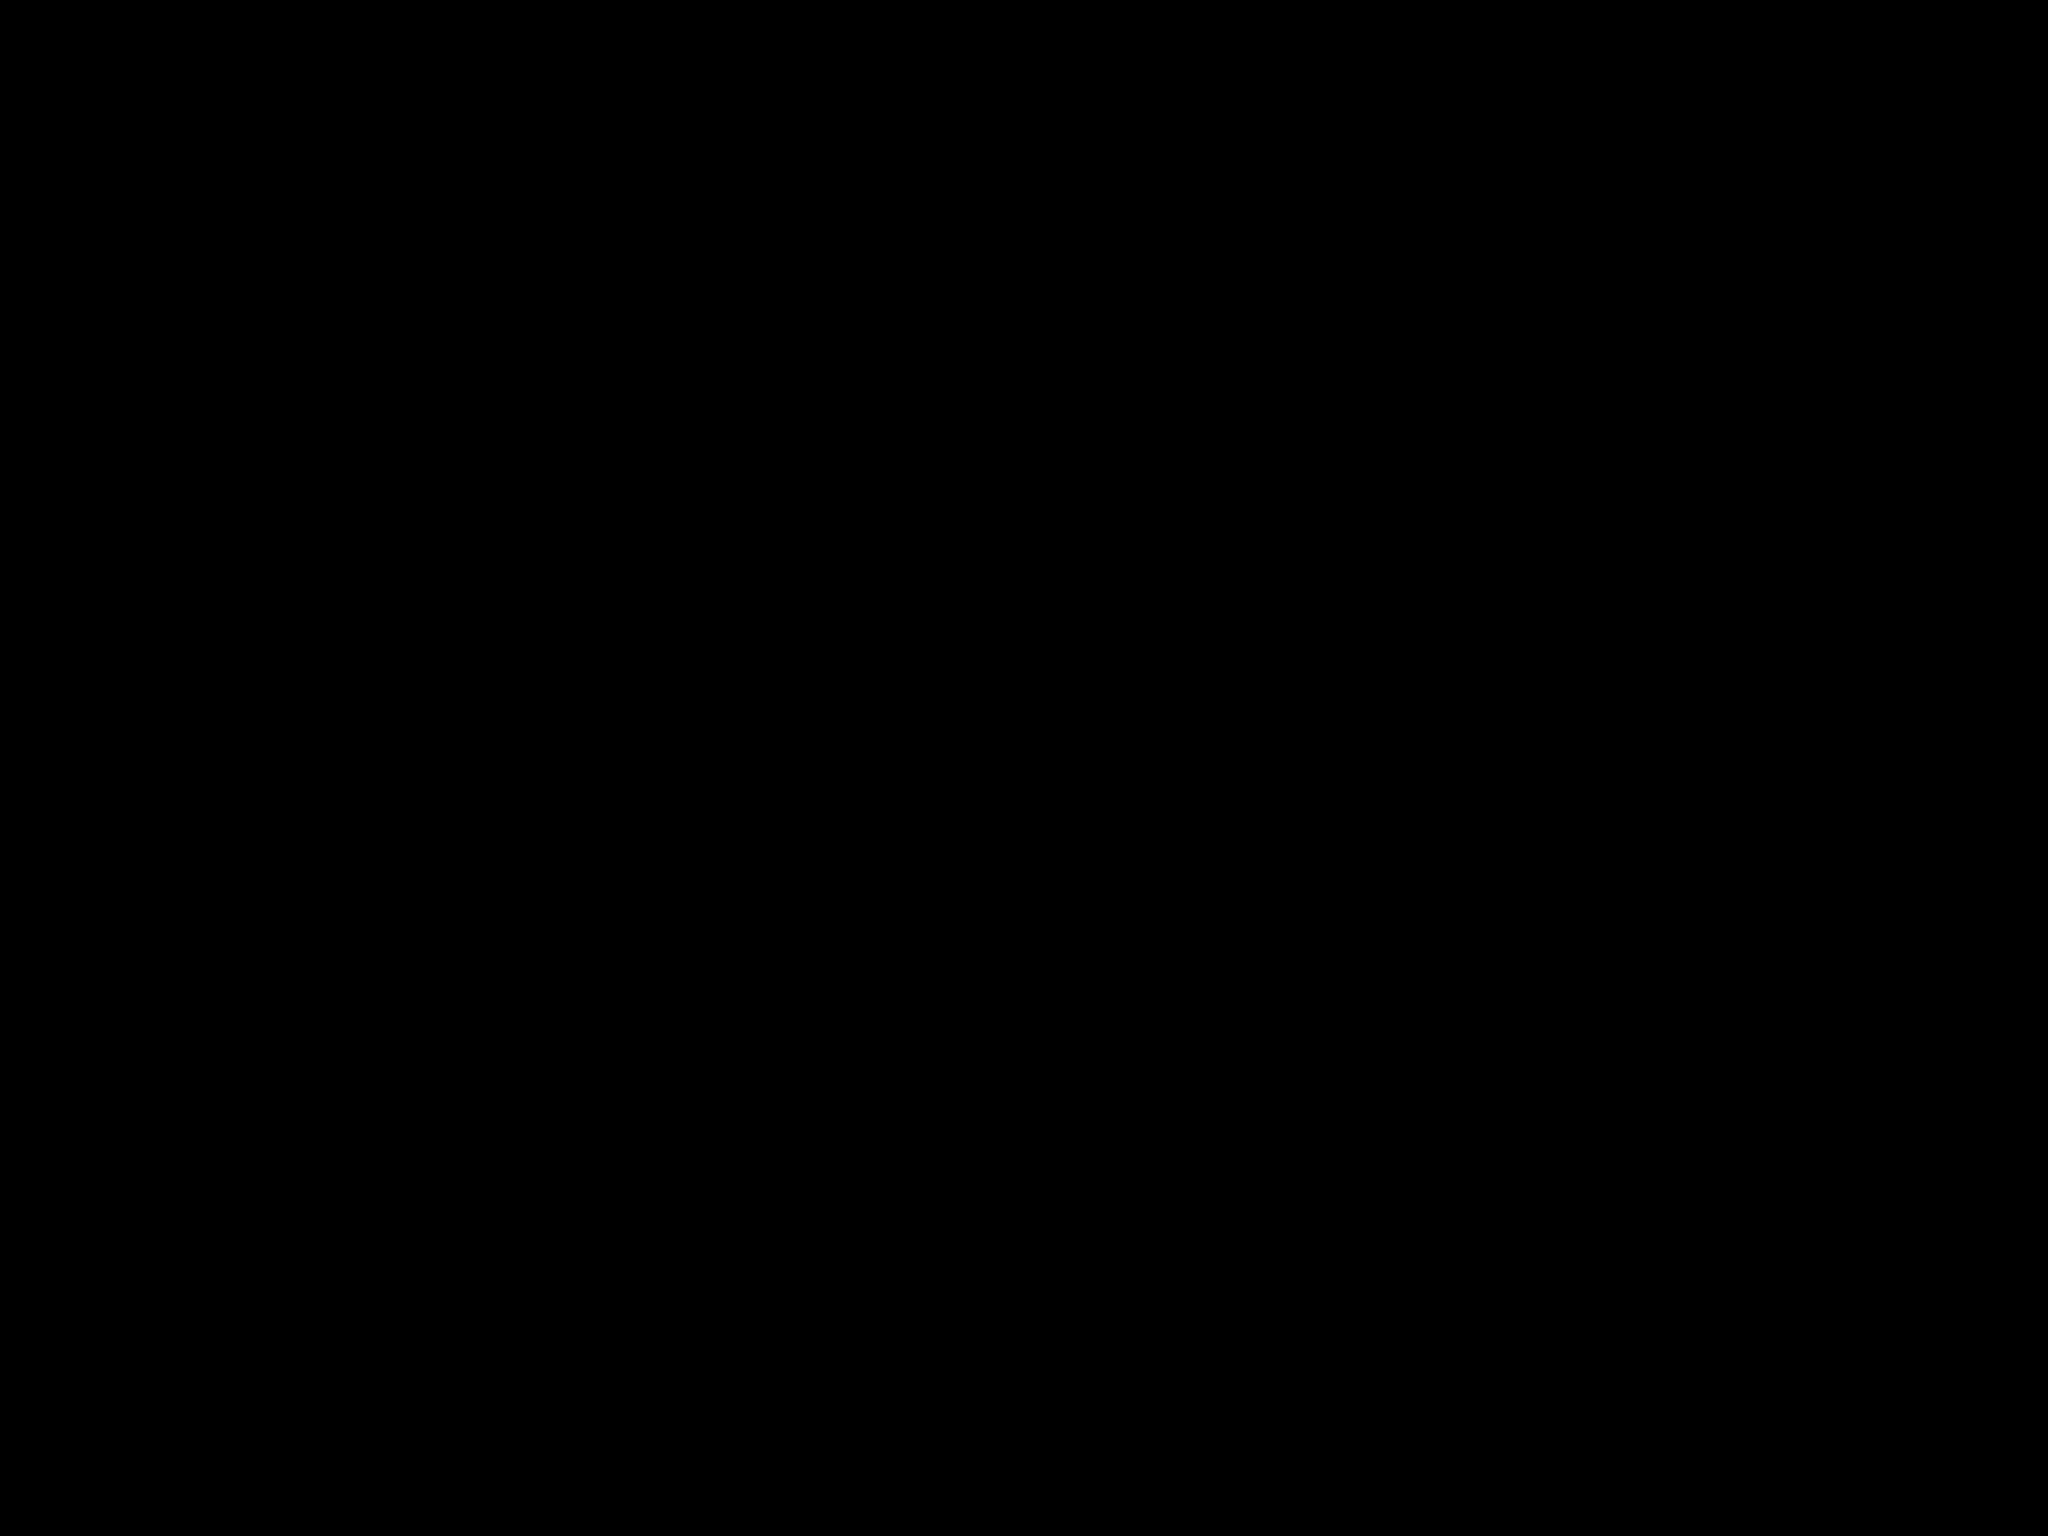 AUSTENITIC GRAIN